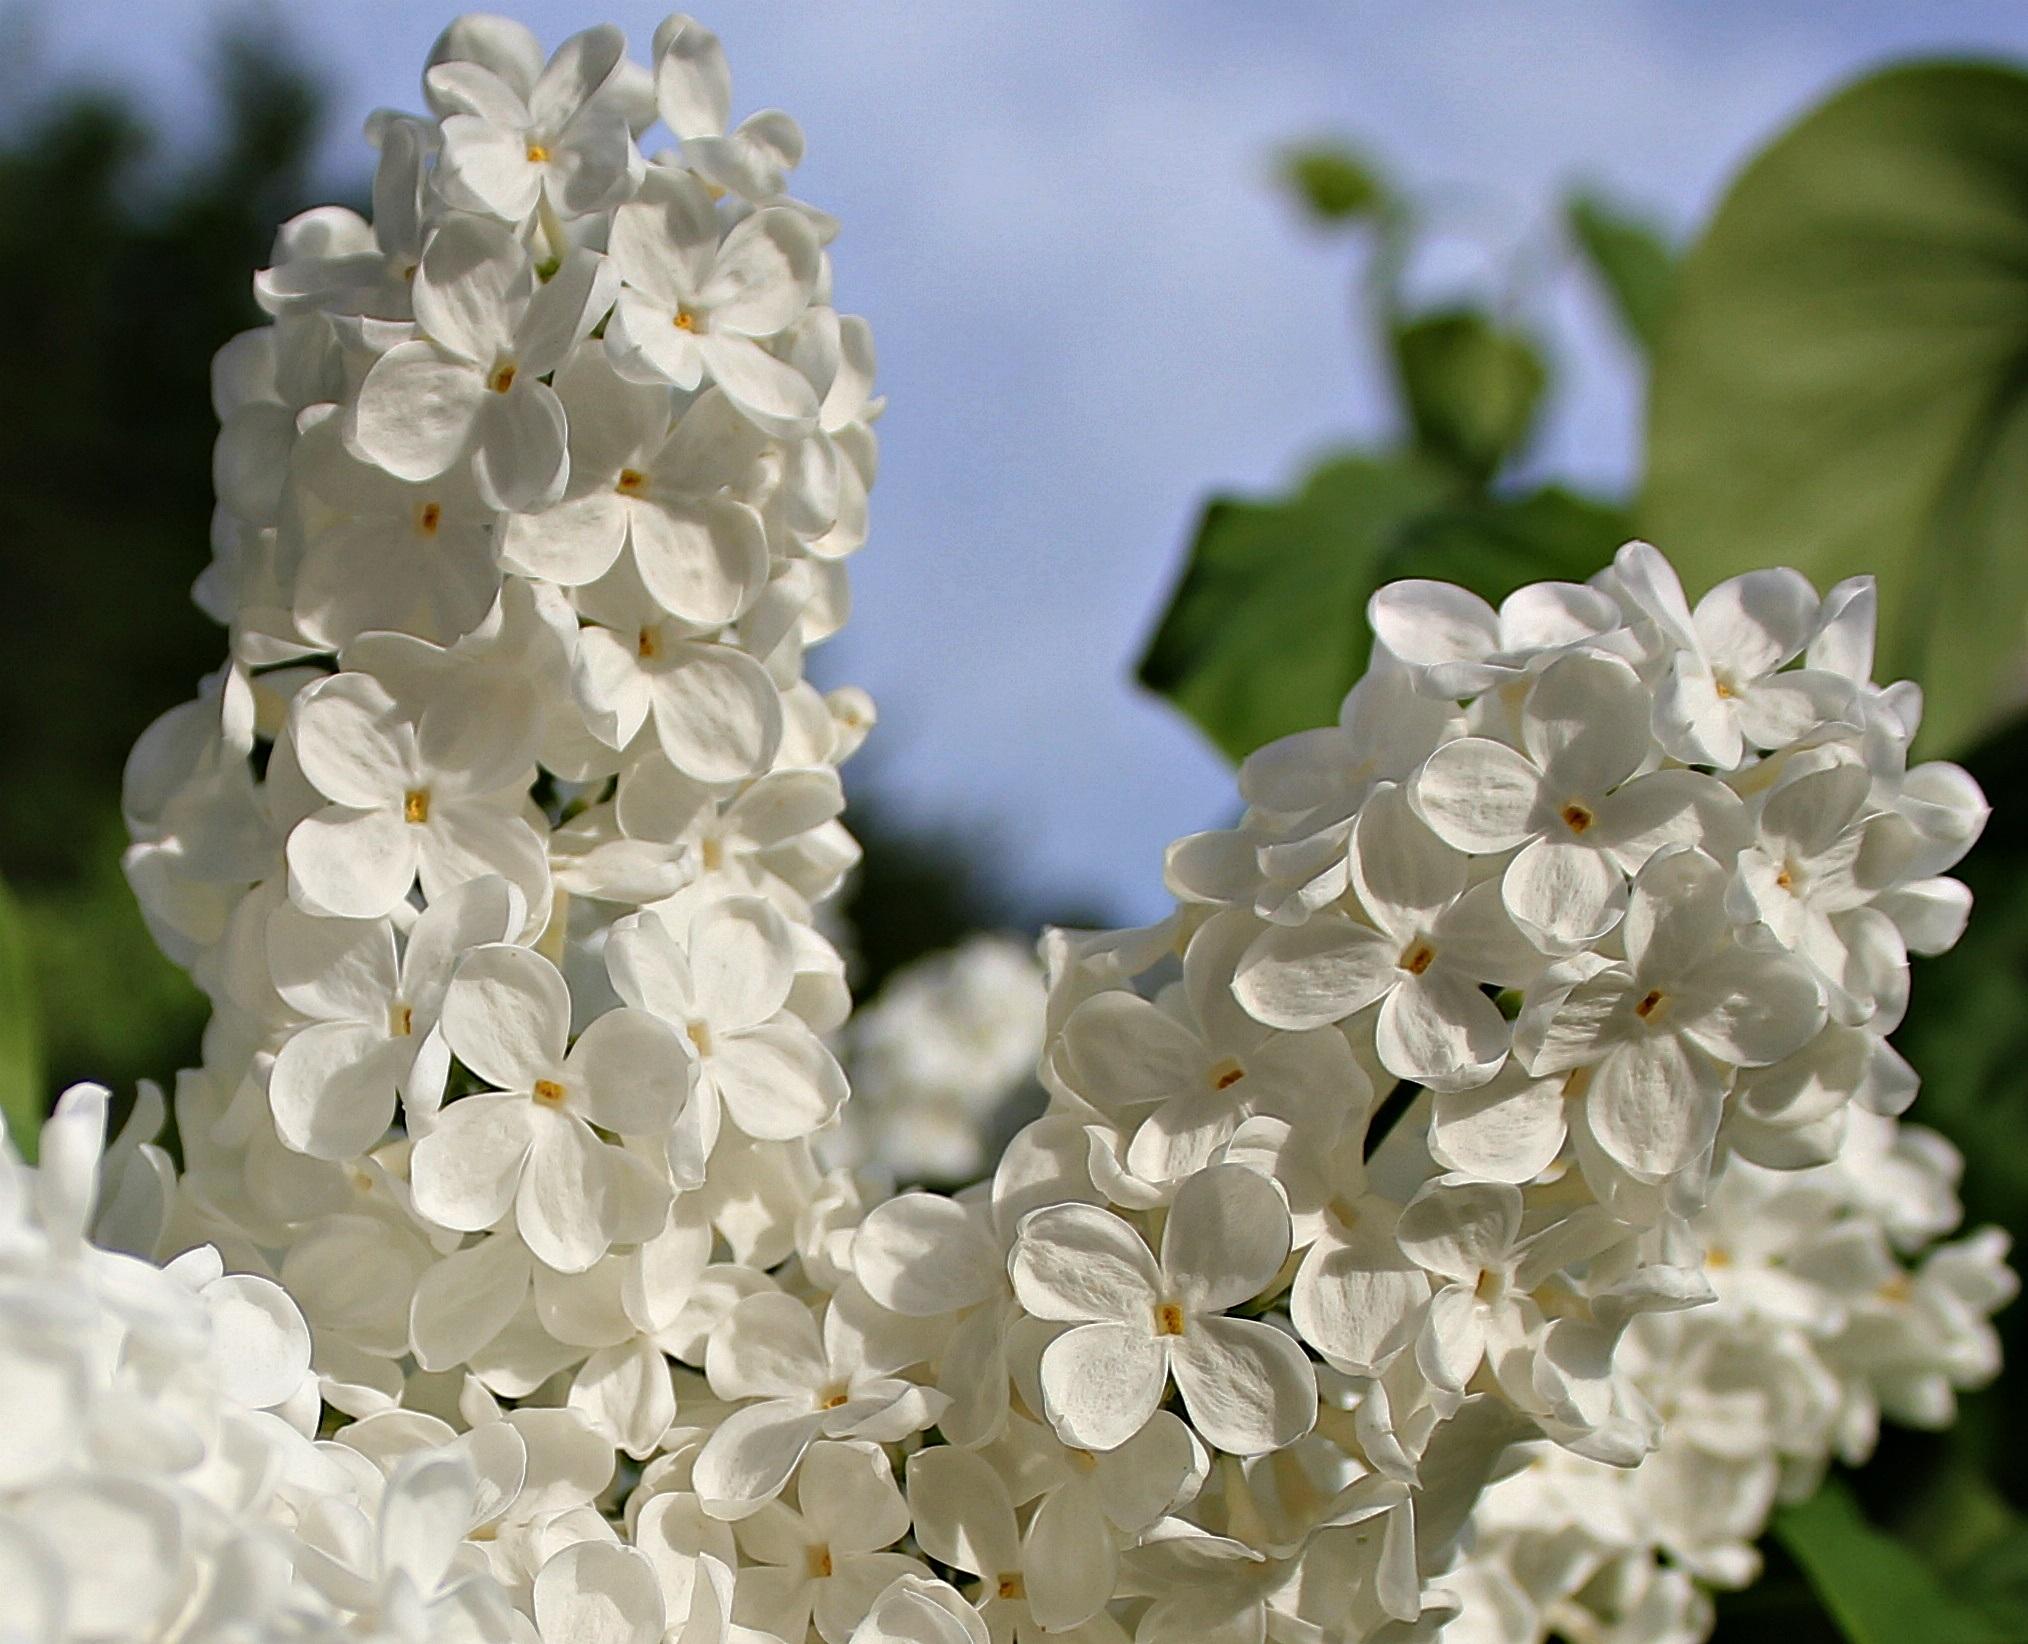 Free Images Nature Branch Blossom Petal Bloom Spring Botany